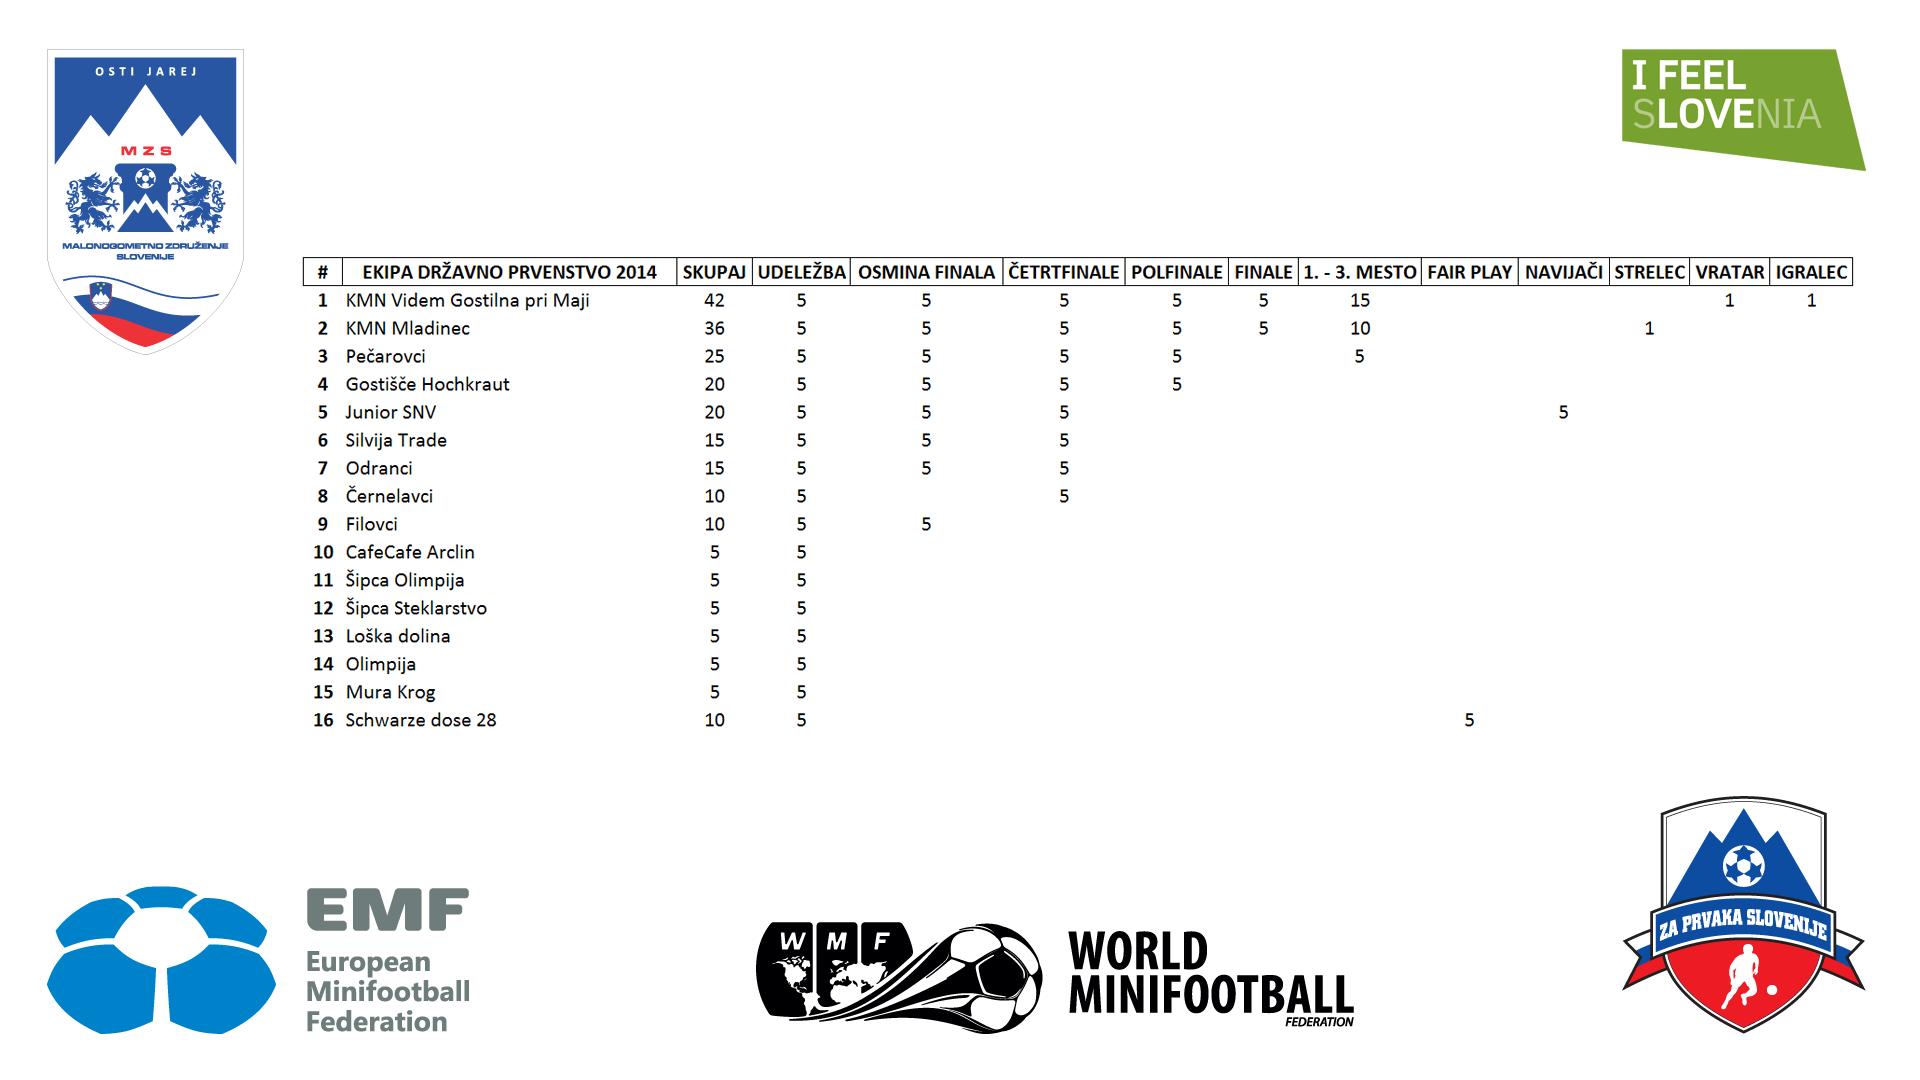 Dosežene točke ekip na državnem prvenstvu Za Prvaka Slovenije 2014